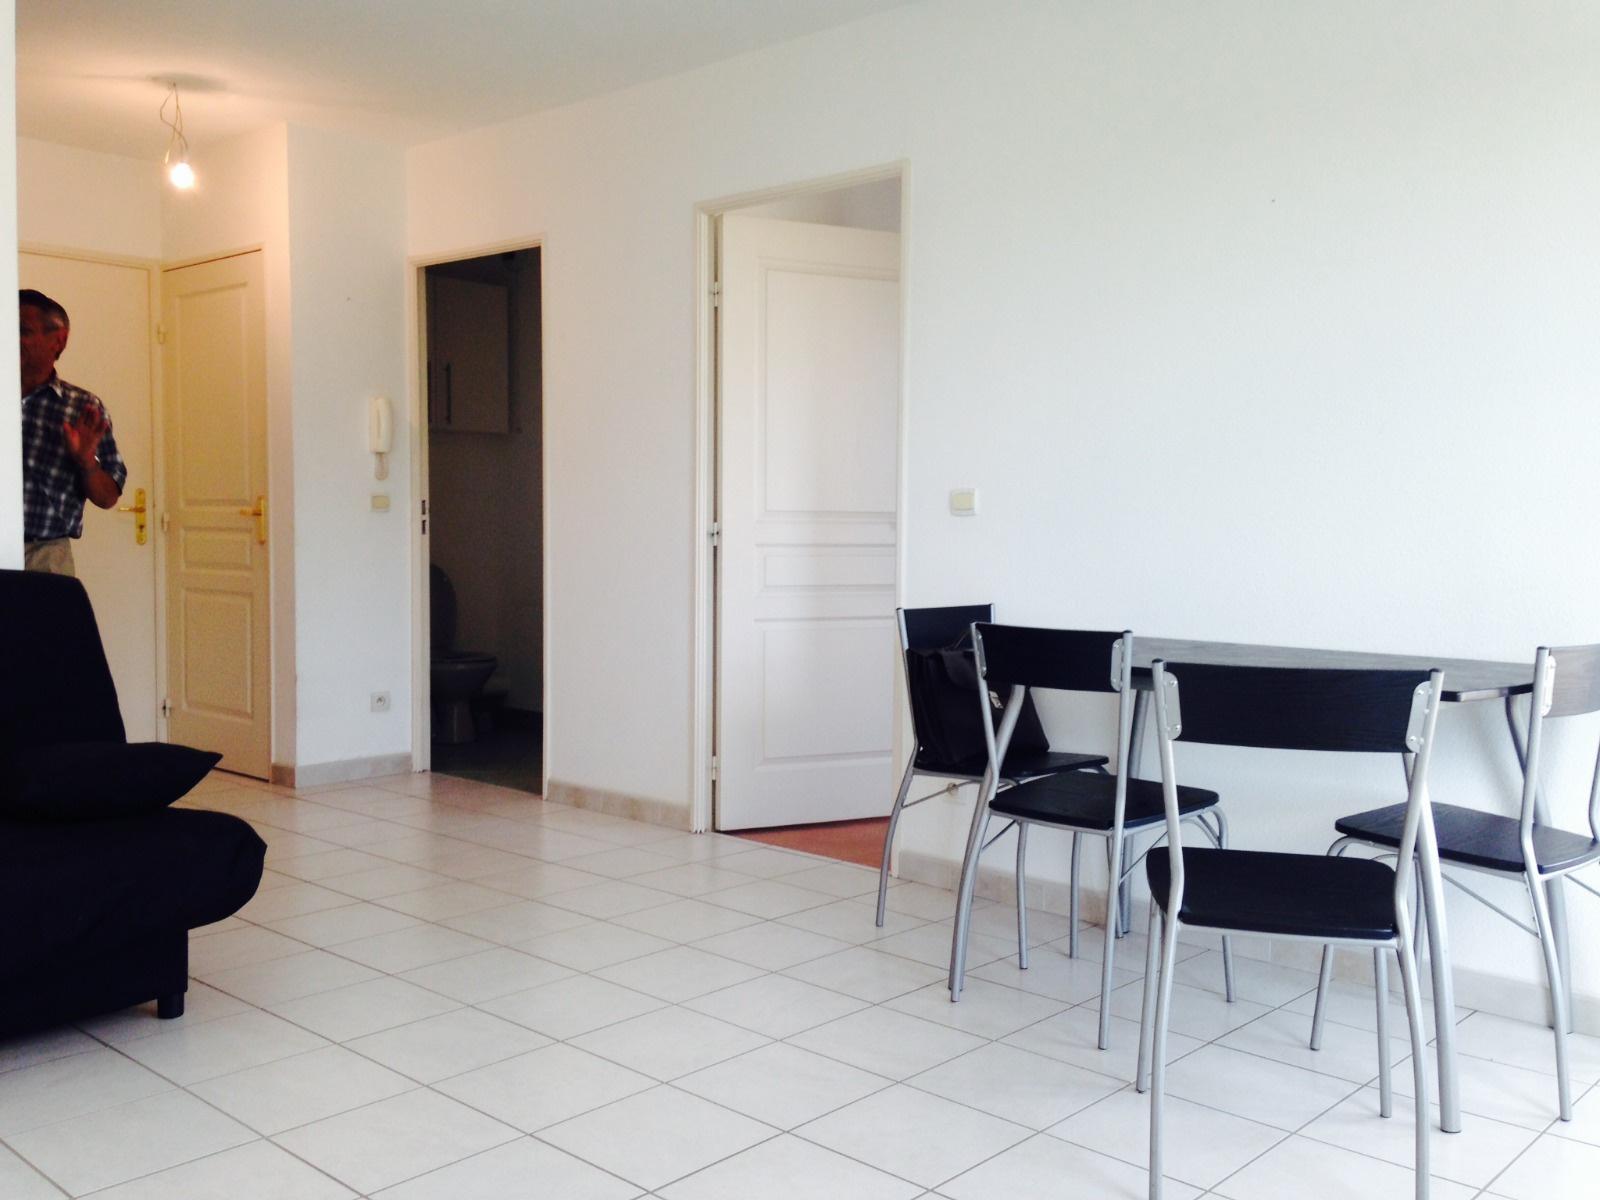 Pièce de vie avec table, chaises et canapé